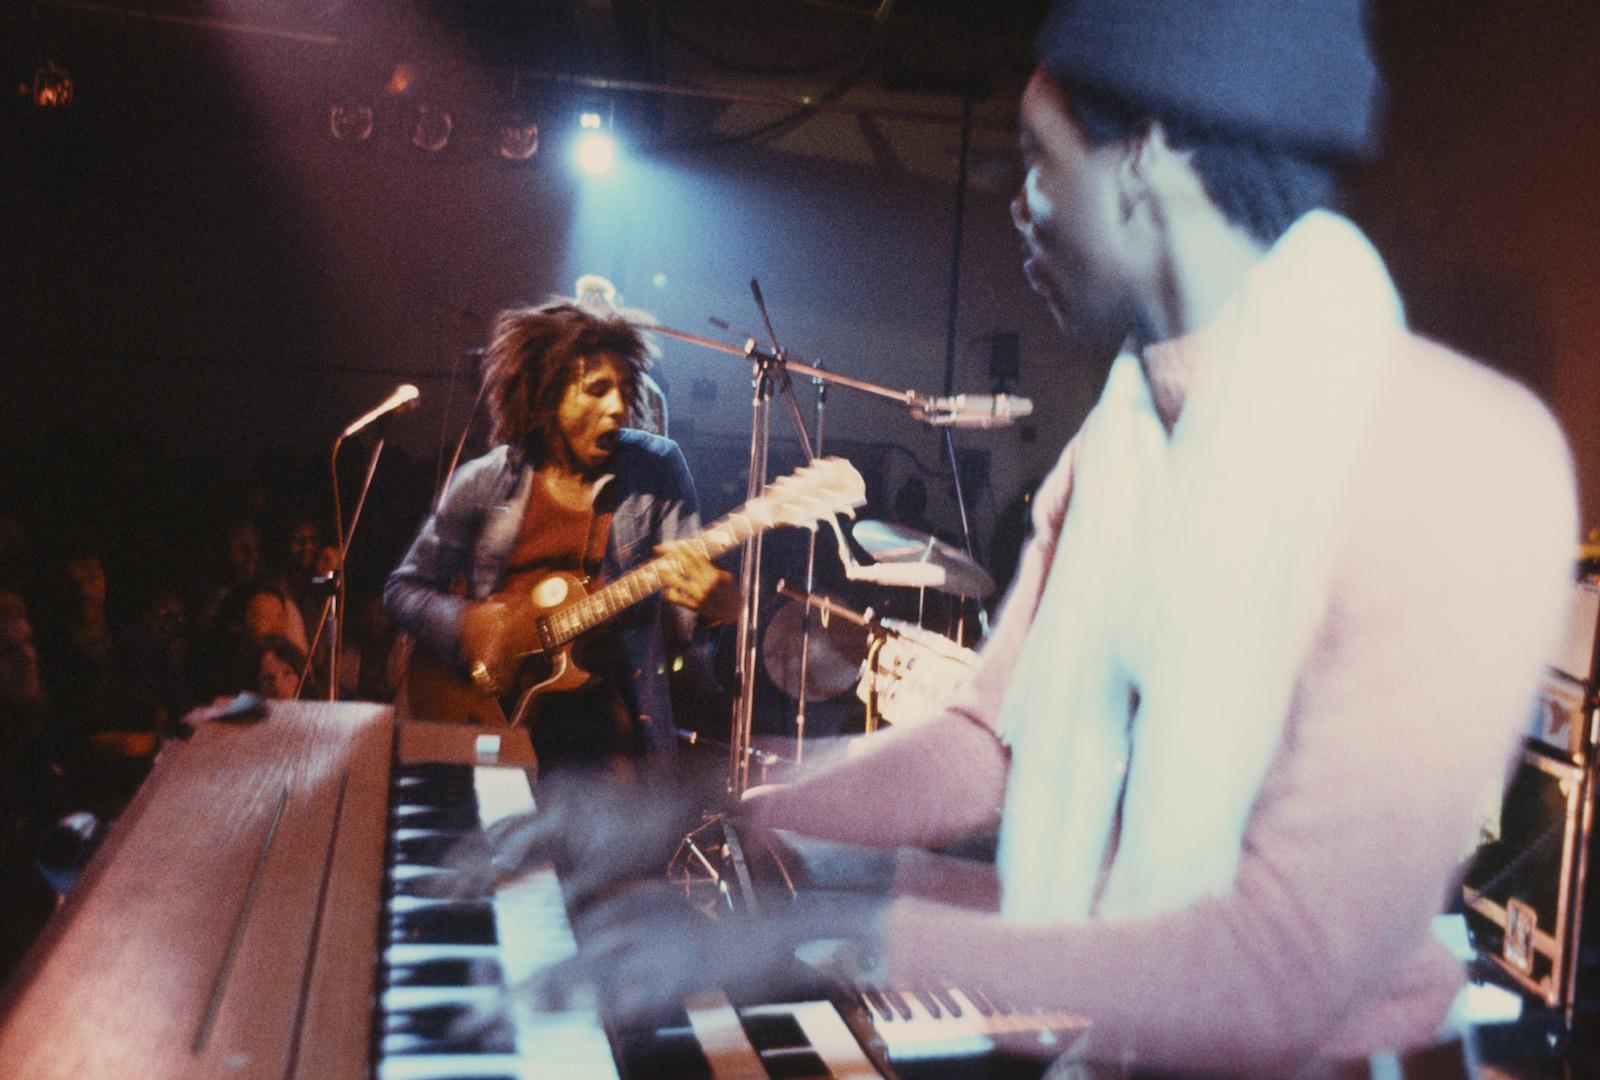 Leeds, UK (1973): during the 'Burnin' tour